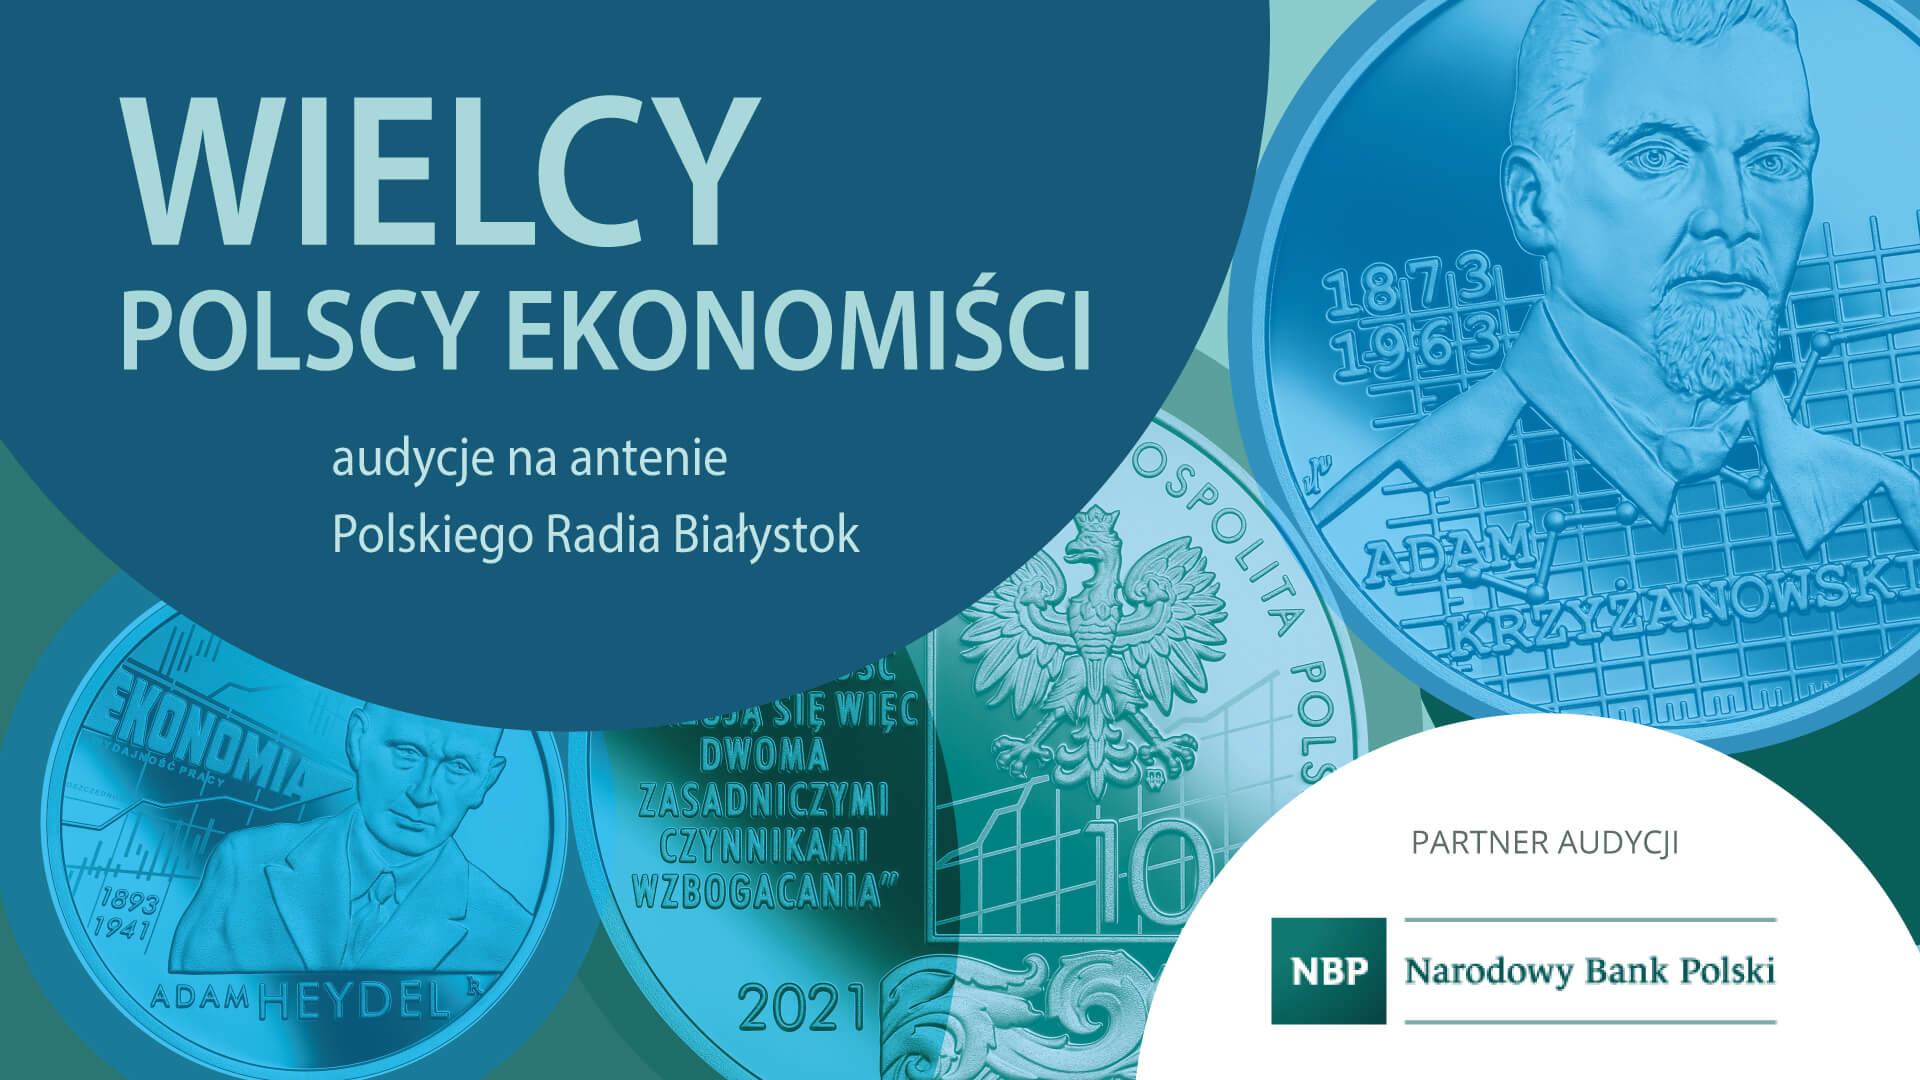 Wielcy polscy ekonomiści